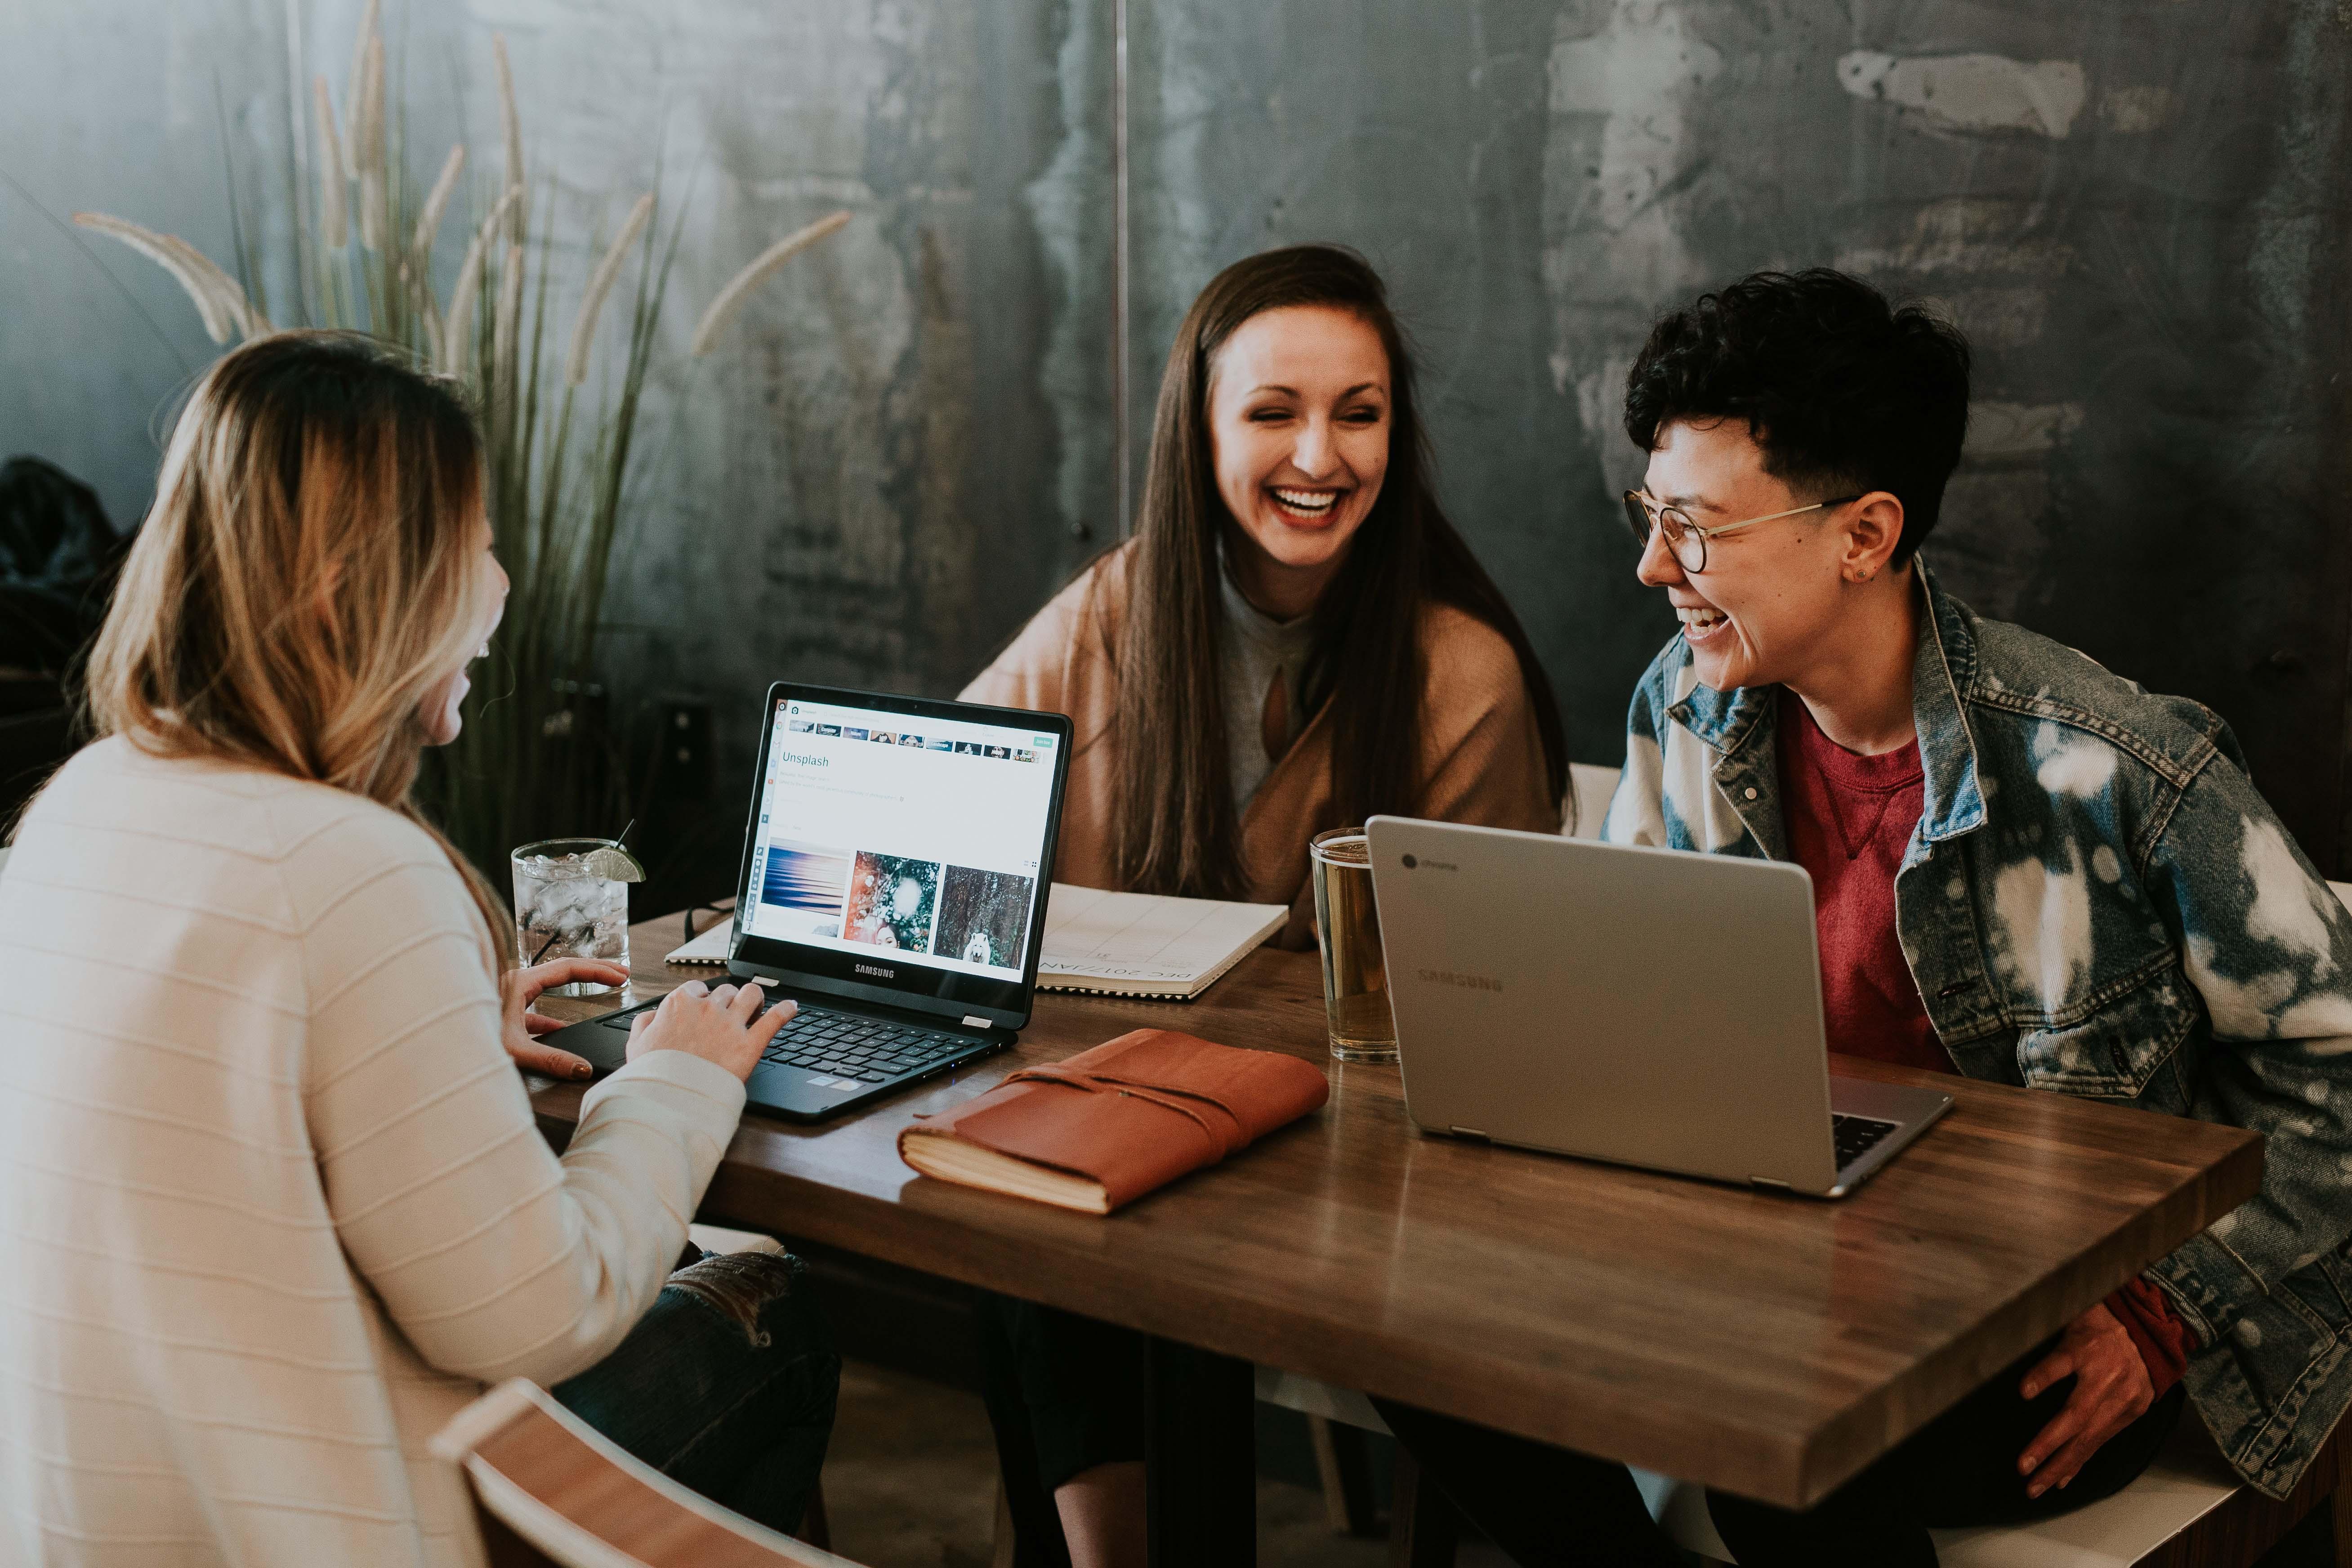 thái độ làm việc nhóm bạn trò chuyện